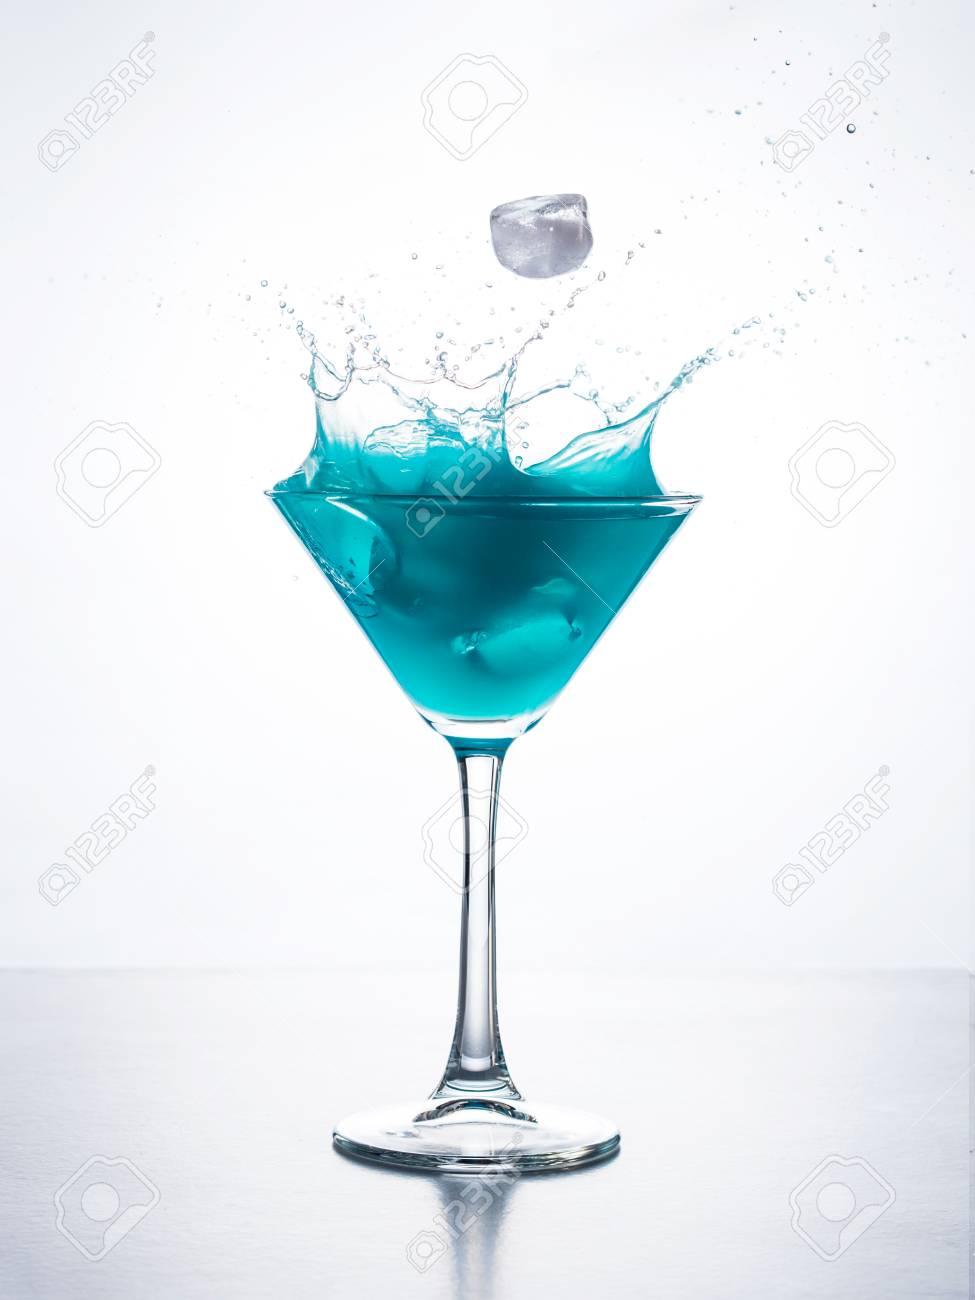 グラス の 中 の アイス キューブ